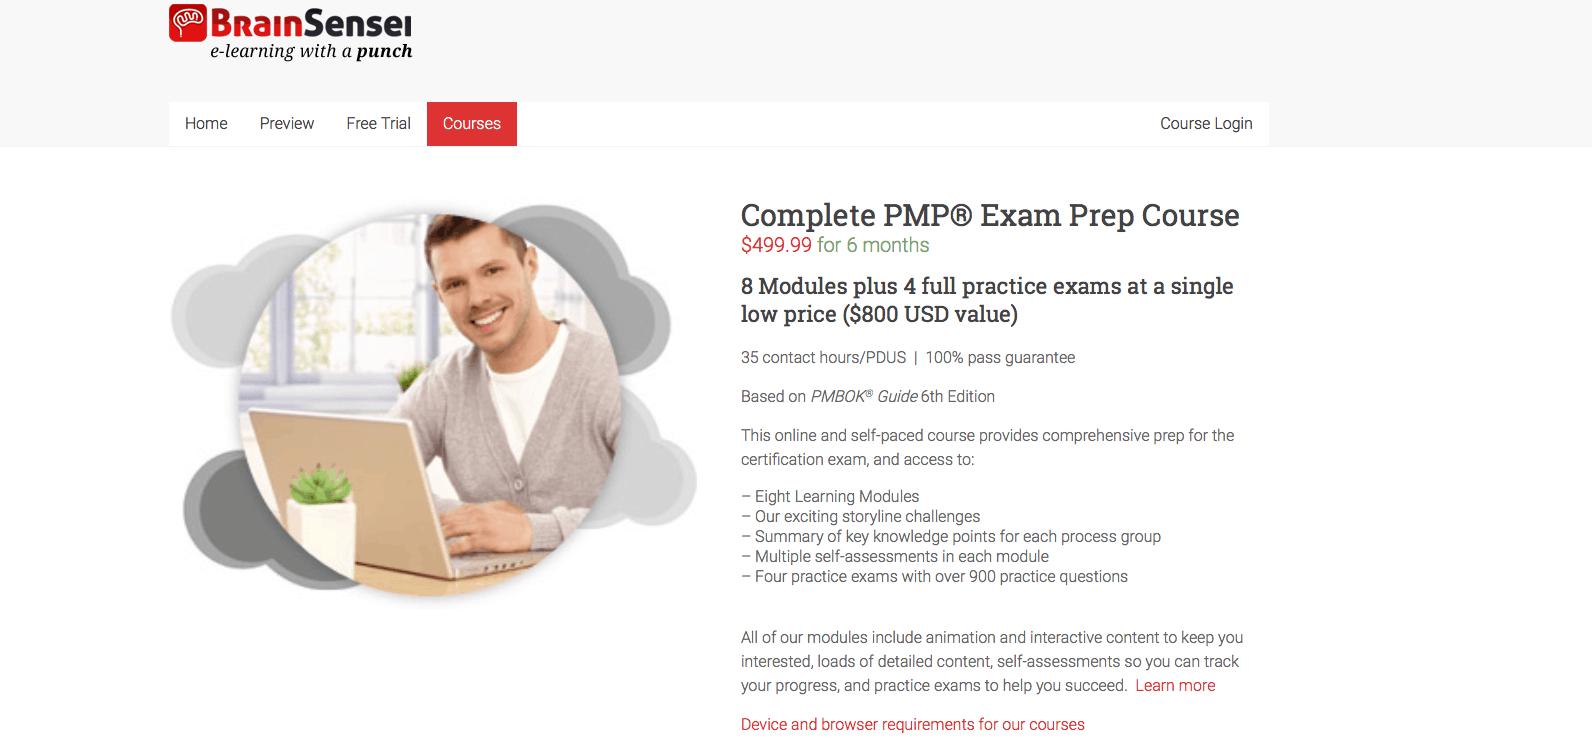 11 Best Online Project Management Courses & PMP Study Materials!